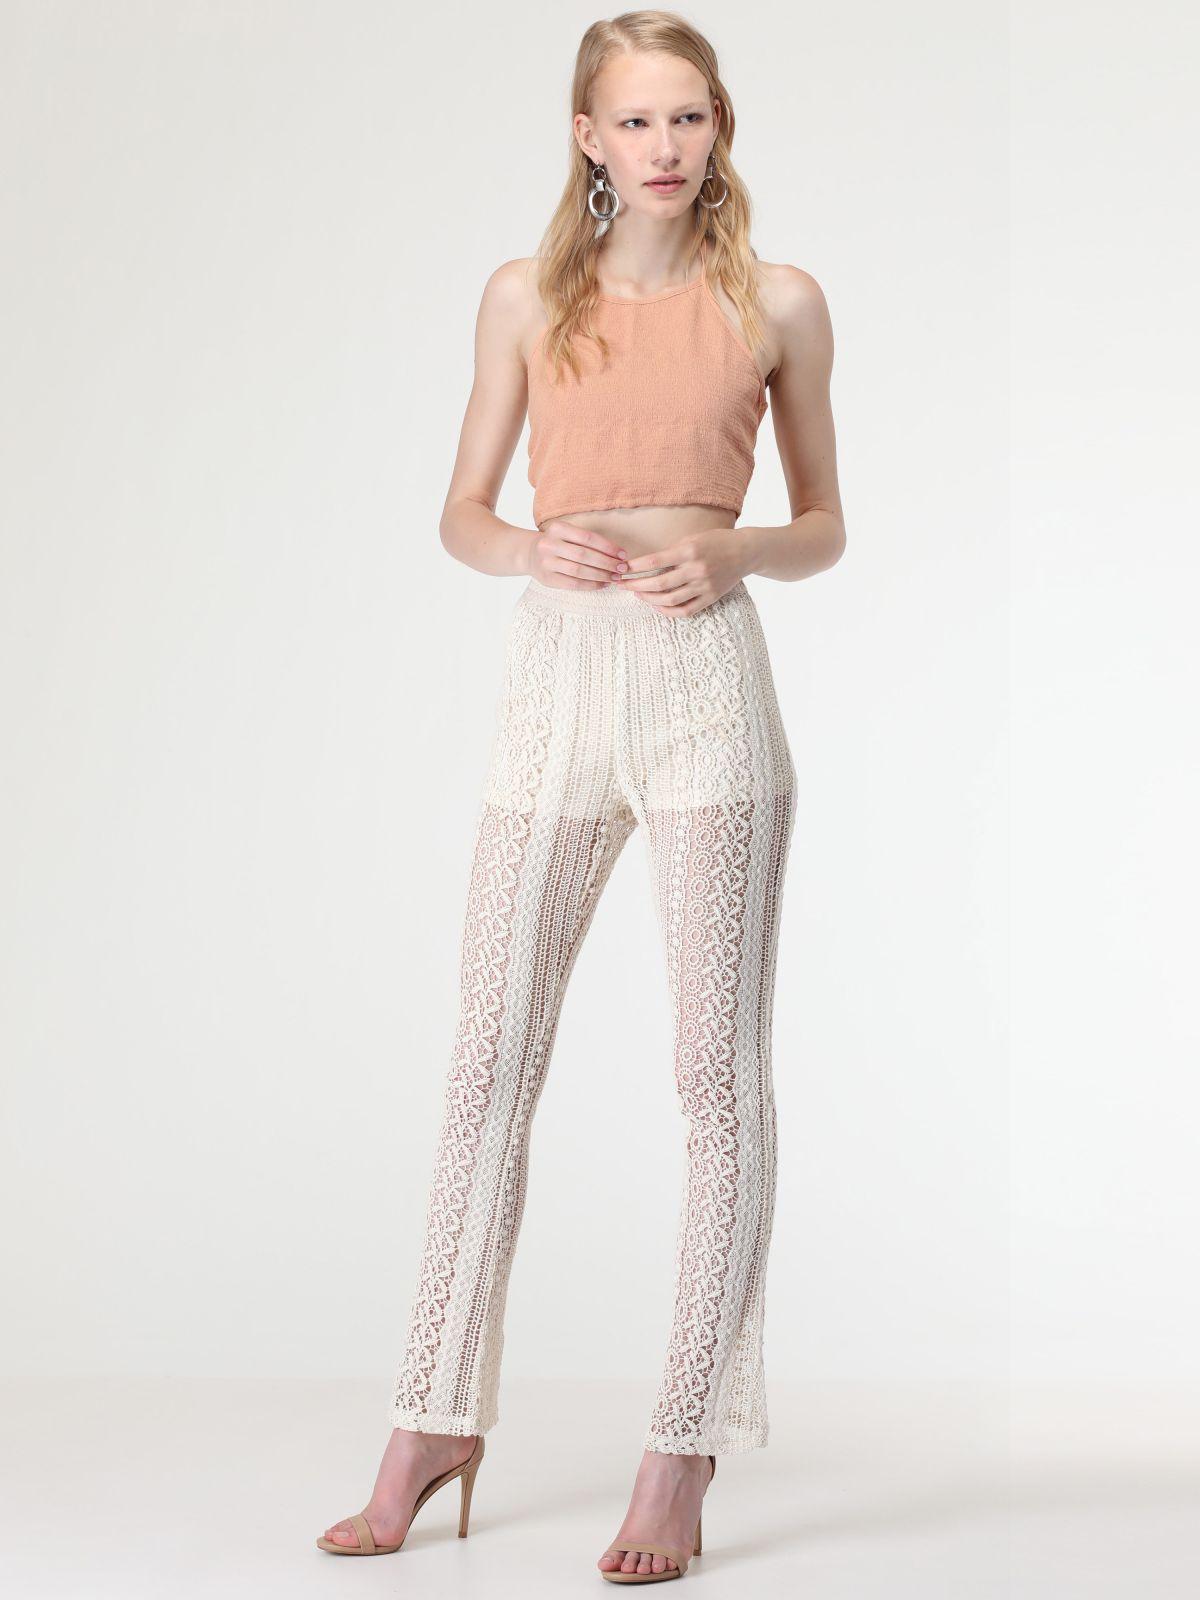 מכנסי קרושה ארוכיםמכנסי קרושה ארוכים של TERMINAL X